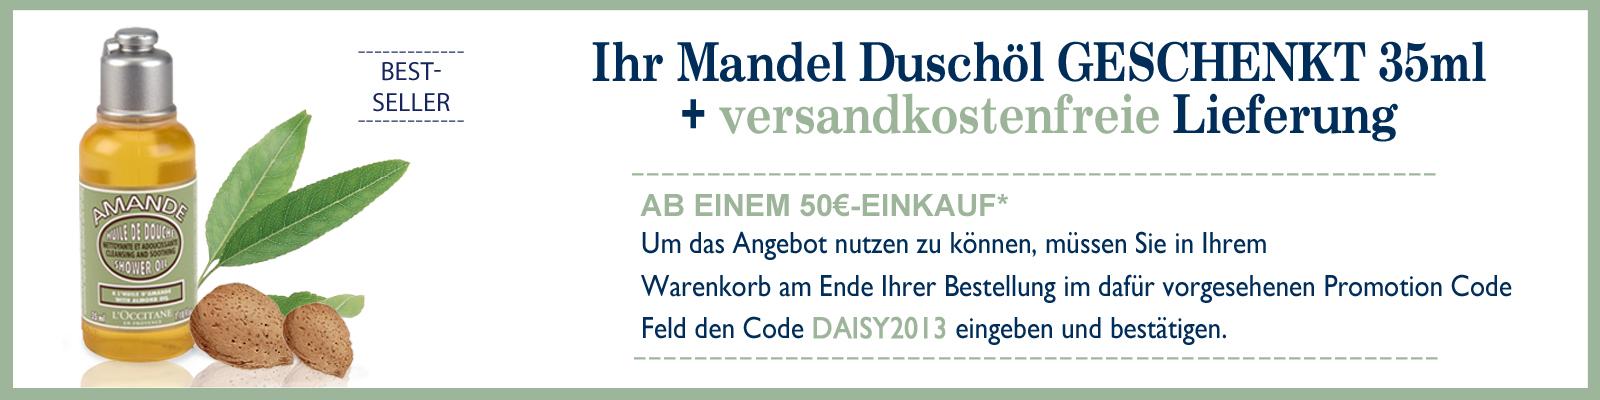 Exklusiv-Angebot Mandel Duschöl  - L'Occitane Deutschland